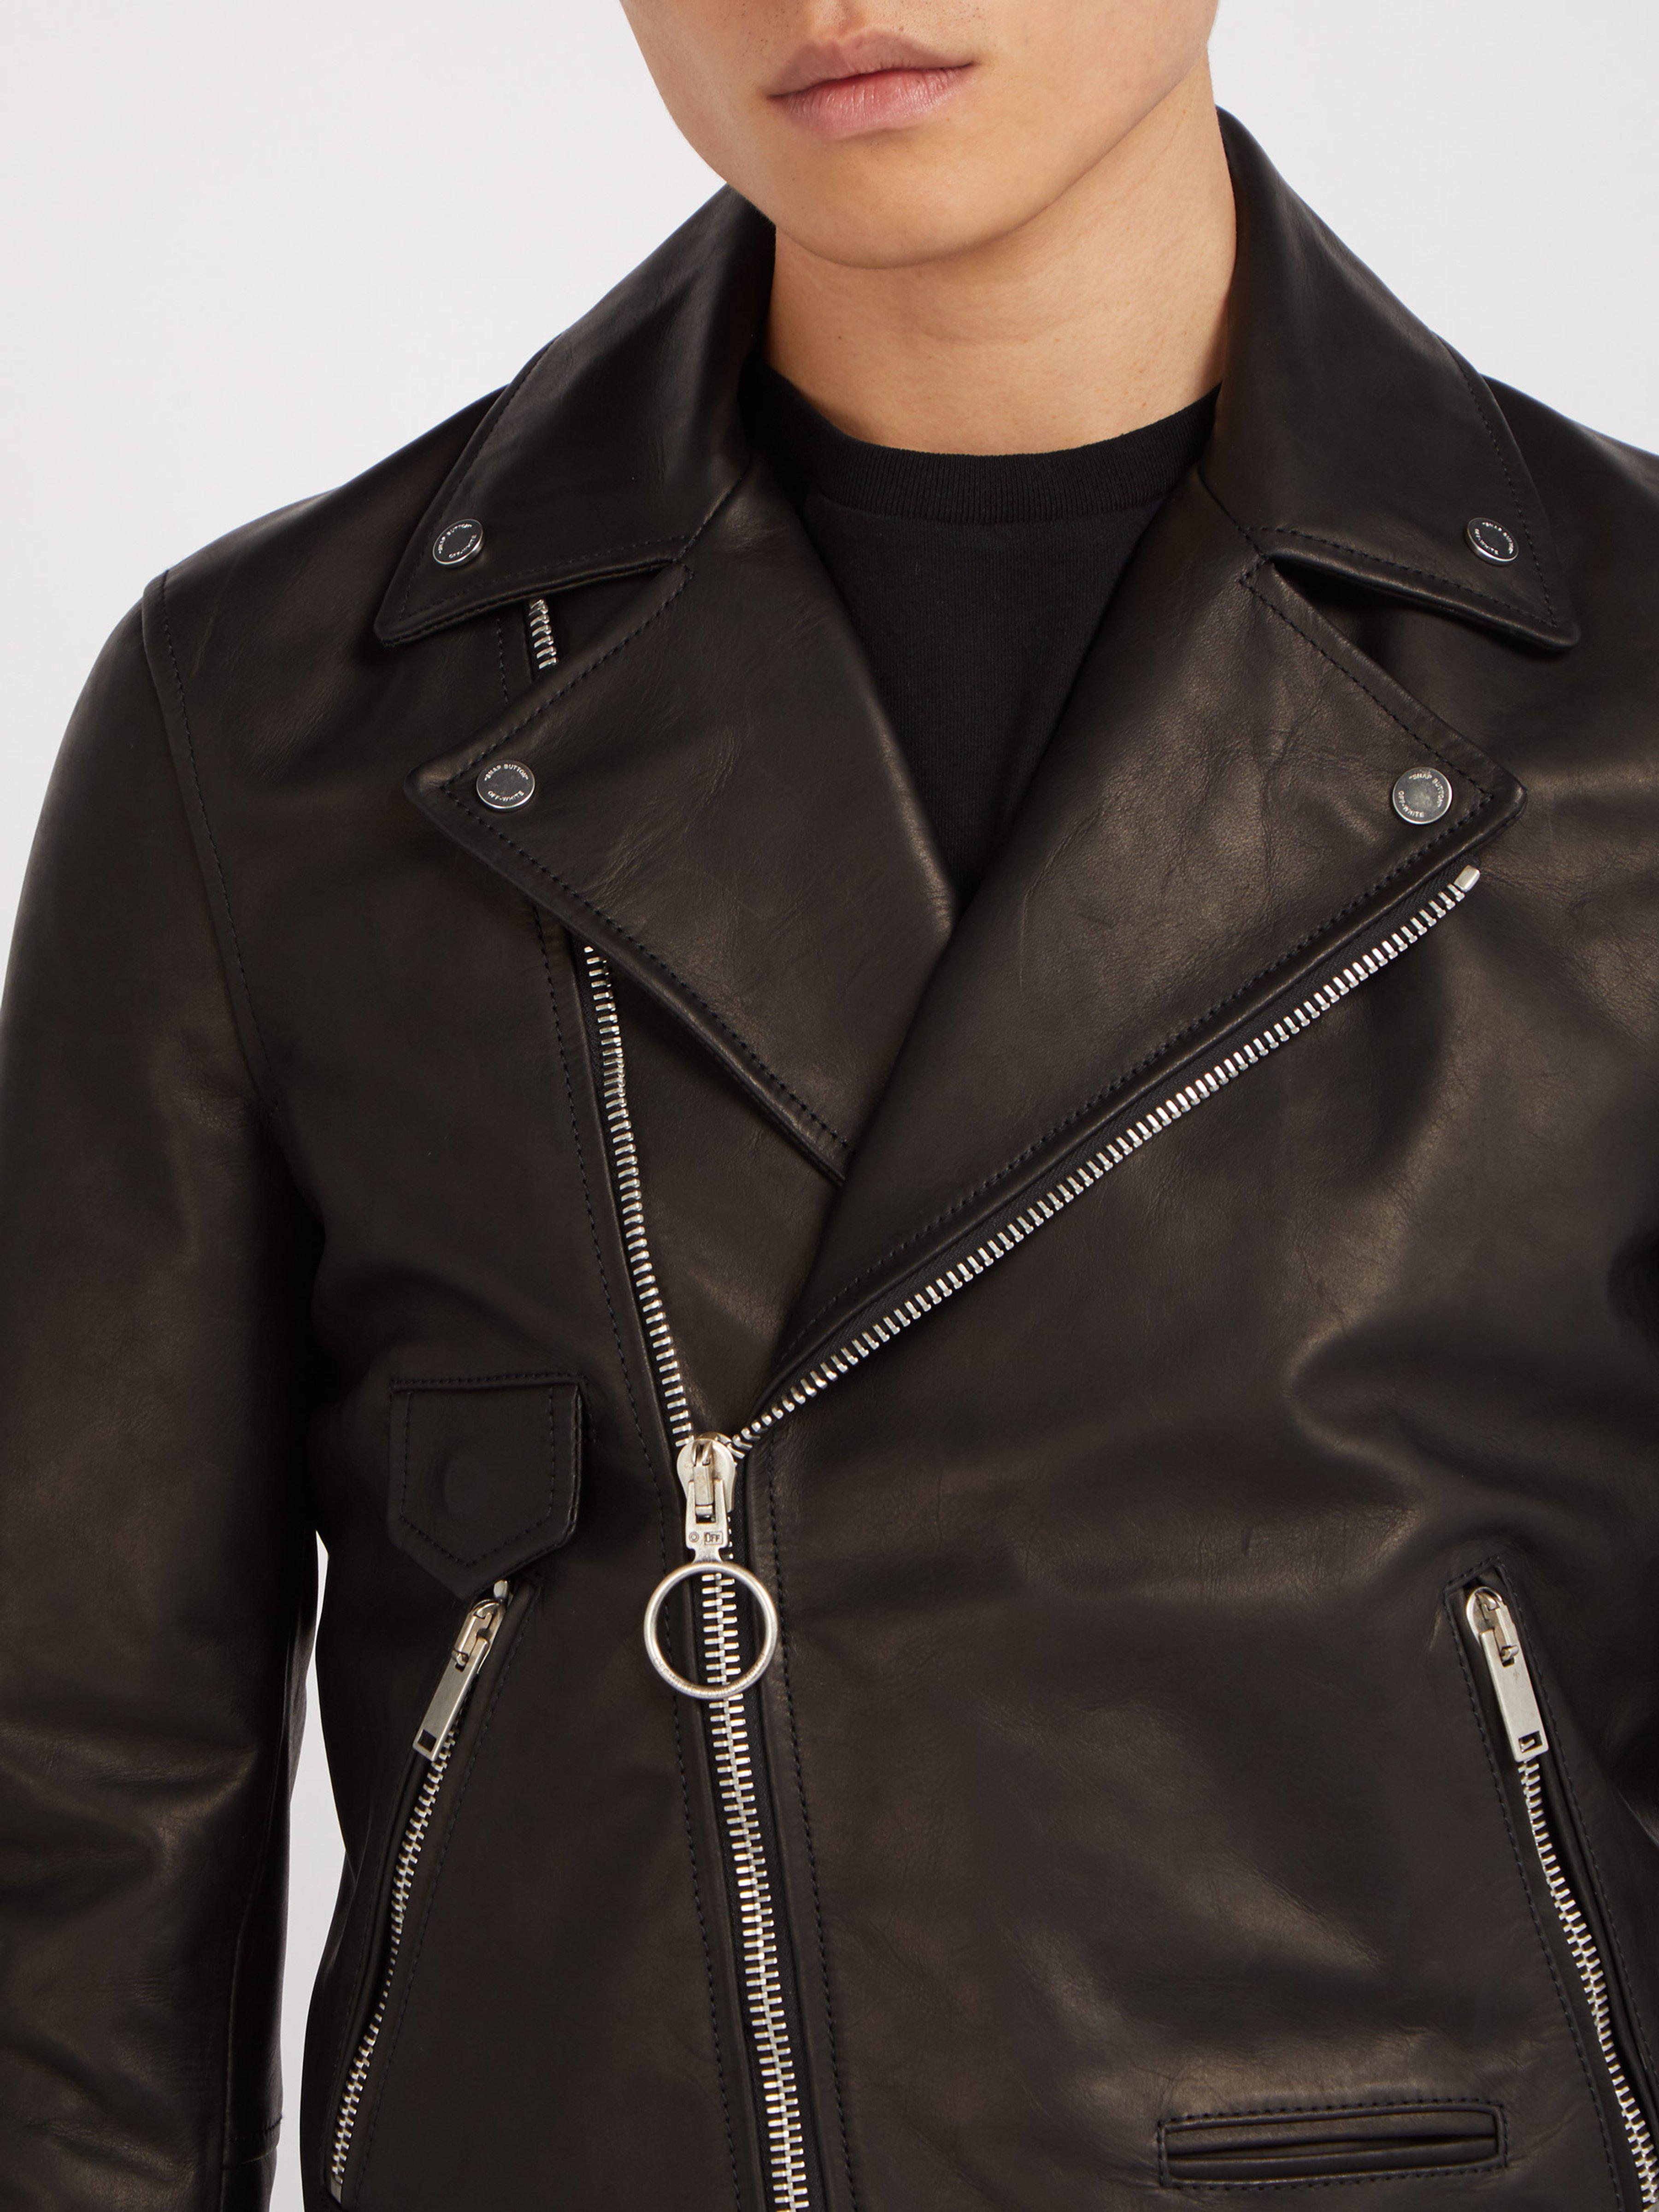 7668b9a3743 Off-White c o Virgil Abloh - Black 99 Logo Print Leather Biker Jacket. View  fullscreen